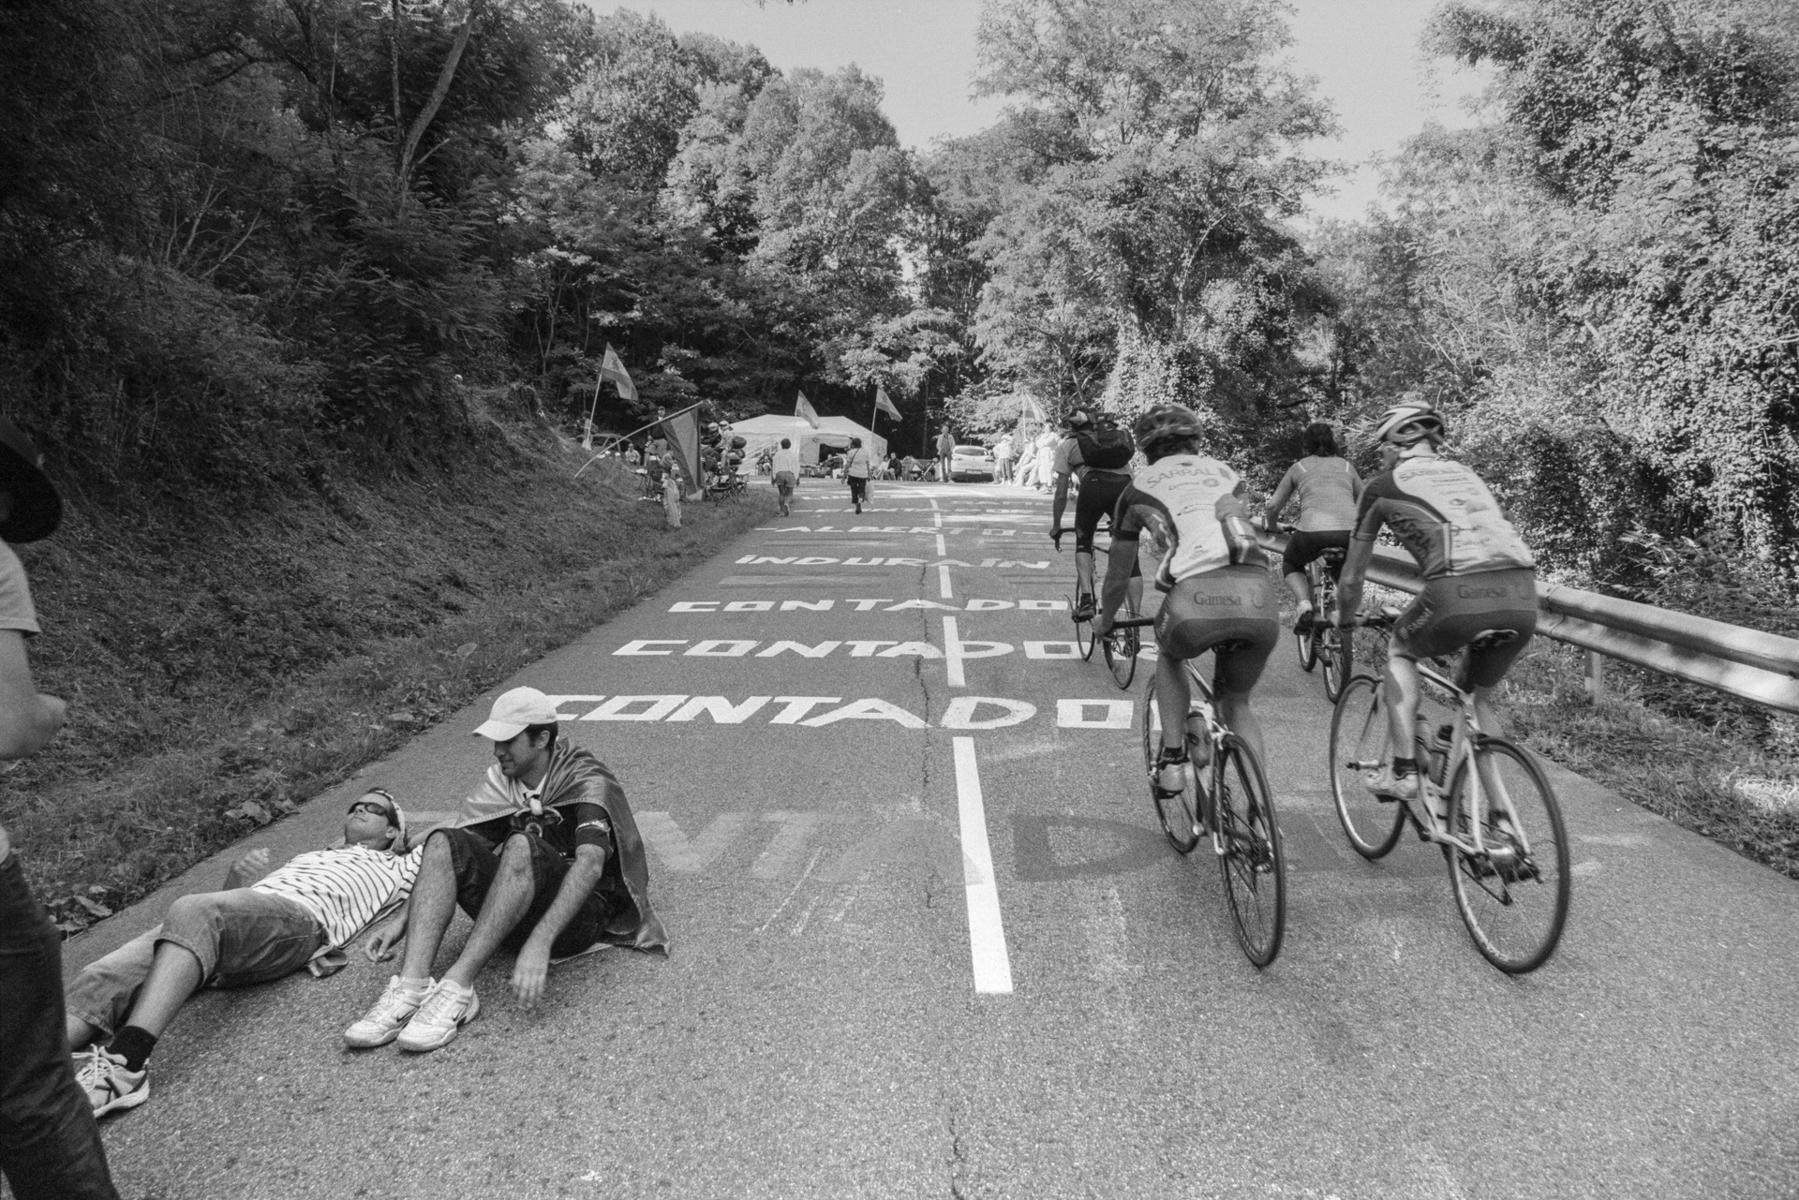 Le Tour de France 2011 'Plateau de Beille' has already been a stage in the Tour de France five times. Le 'Plateau de Beille' a déjà été cinq fois étape du Tour de France. 'Plateau de Beille' war bereits fünf mal eine Etappe der Tour de France. La subida a la montaña de 'Plateau de Beille' ha sido cinco veces una etapa del tour.